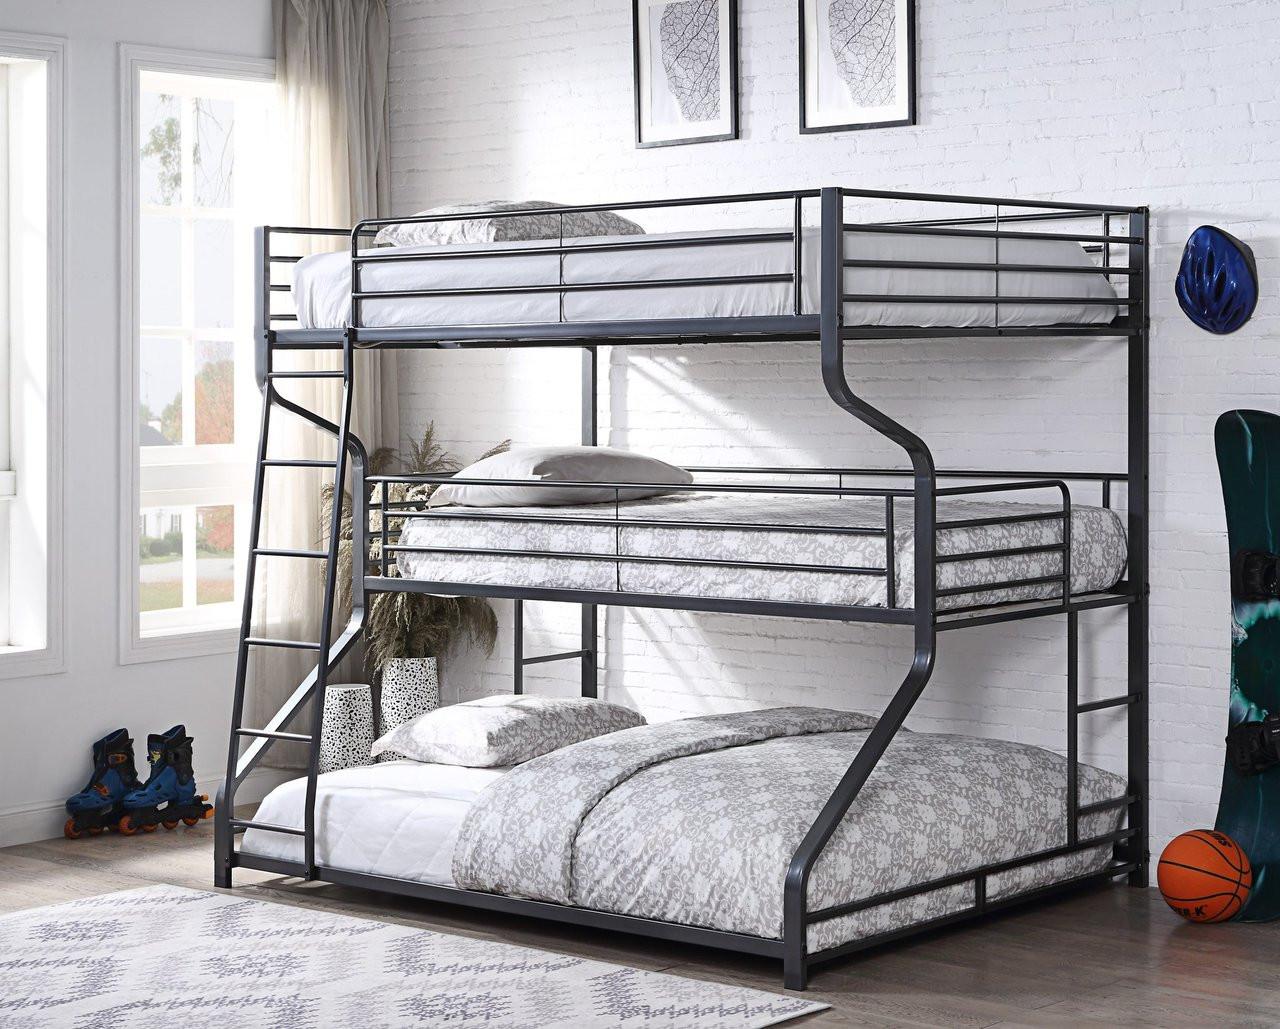 3 Tier Bunk Bed Nz Novocom Top